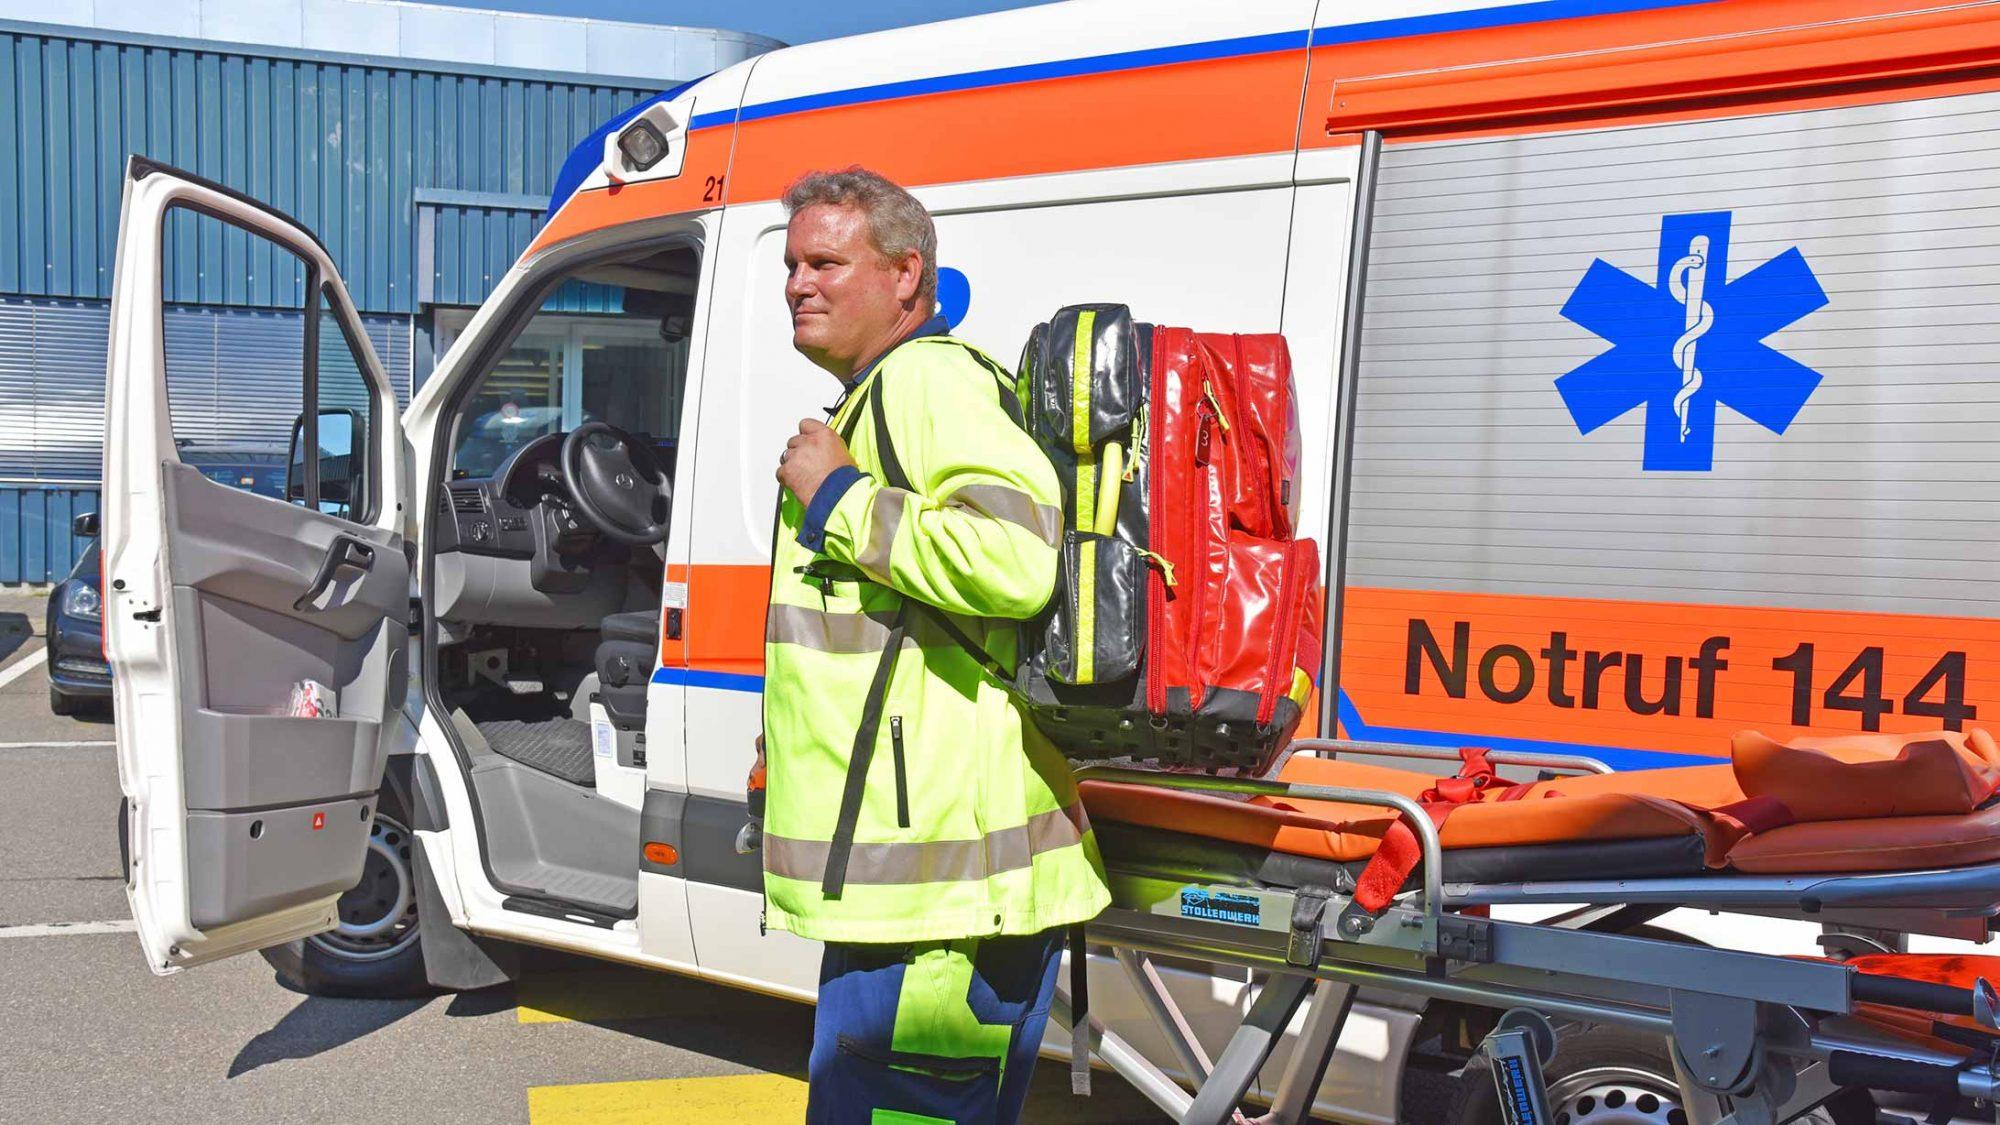 Rettungssanitäter Lukas Frey mit seinen Arbeitsutensilien vor dem Ambulanzfahrzeug